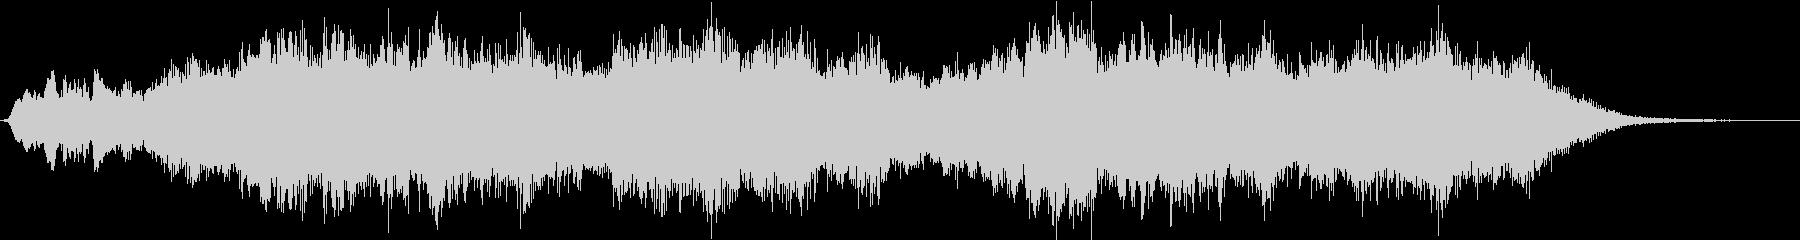 優しく穏やかな「ダニー・ボーイ」弦楽編曲の未再生の波形